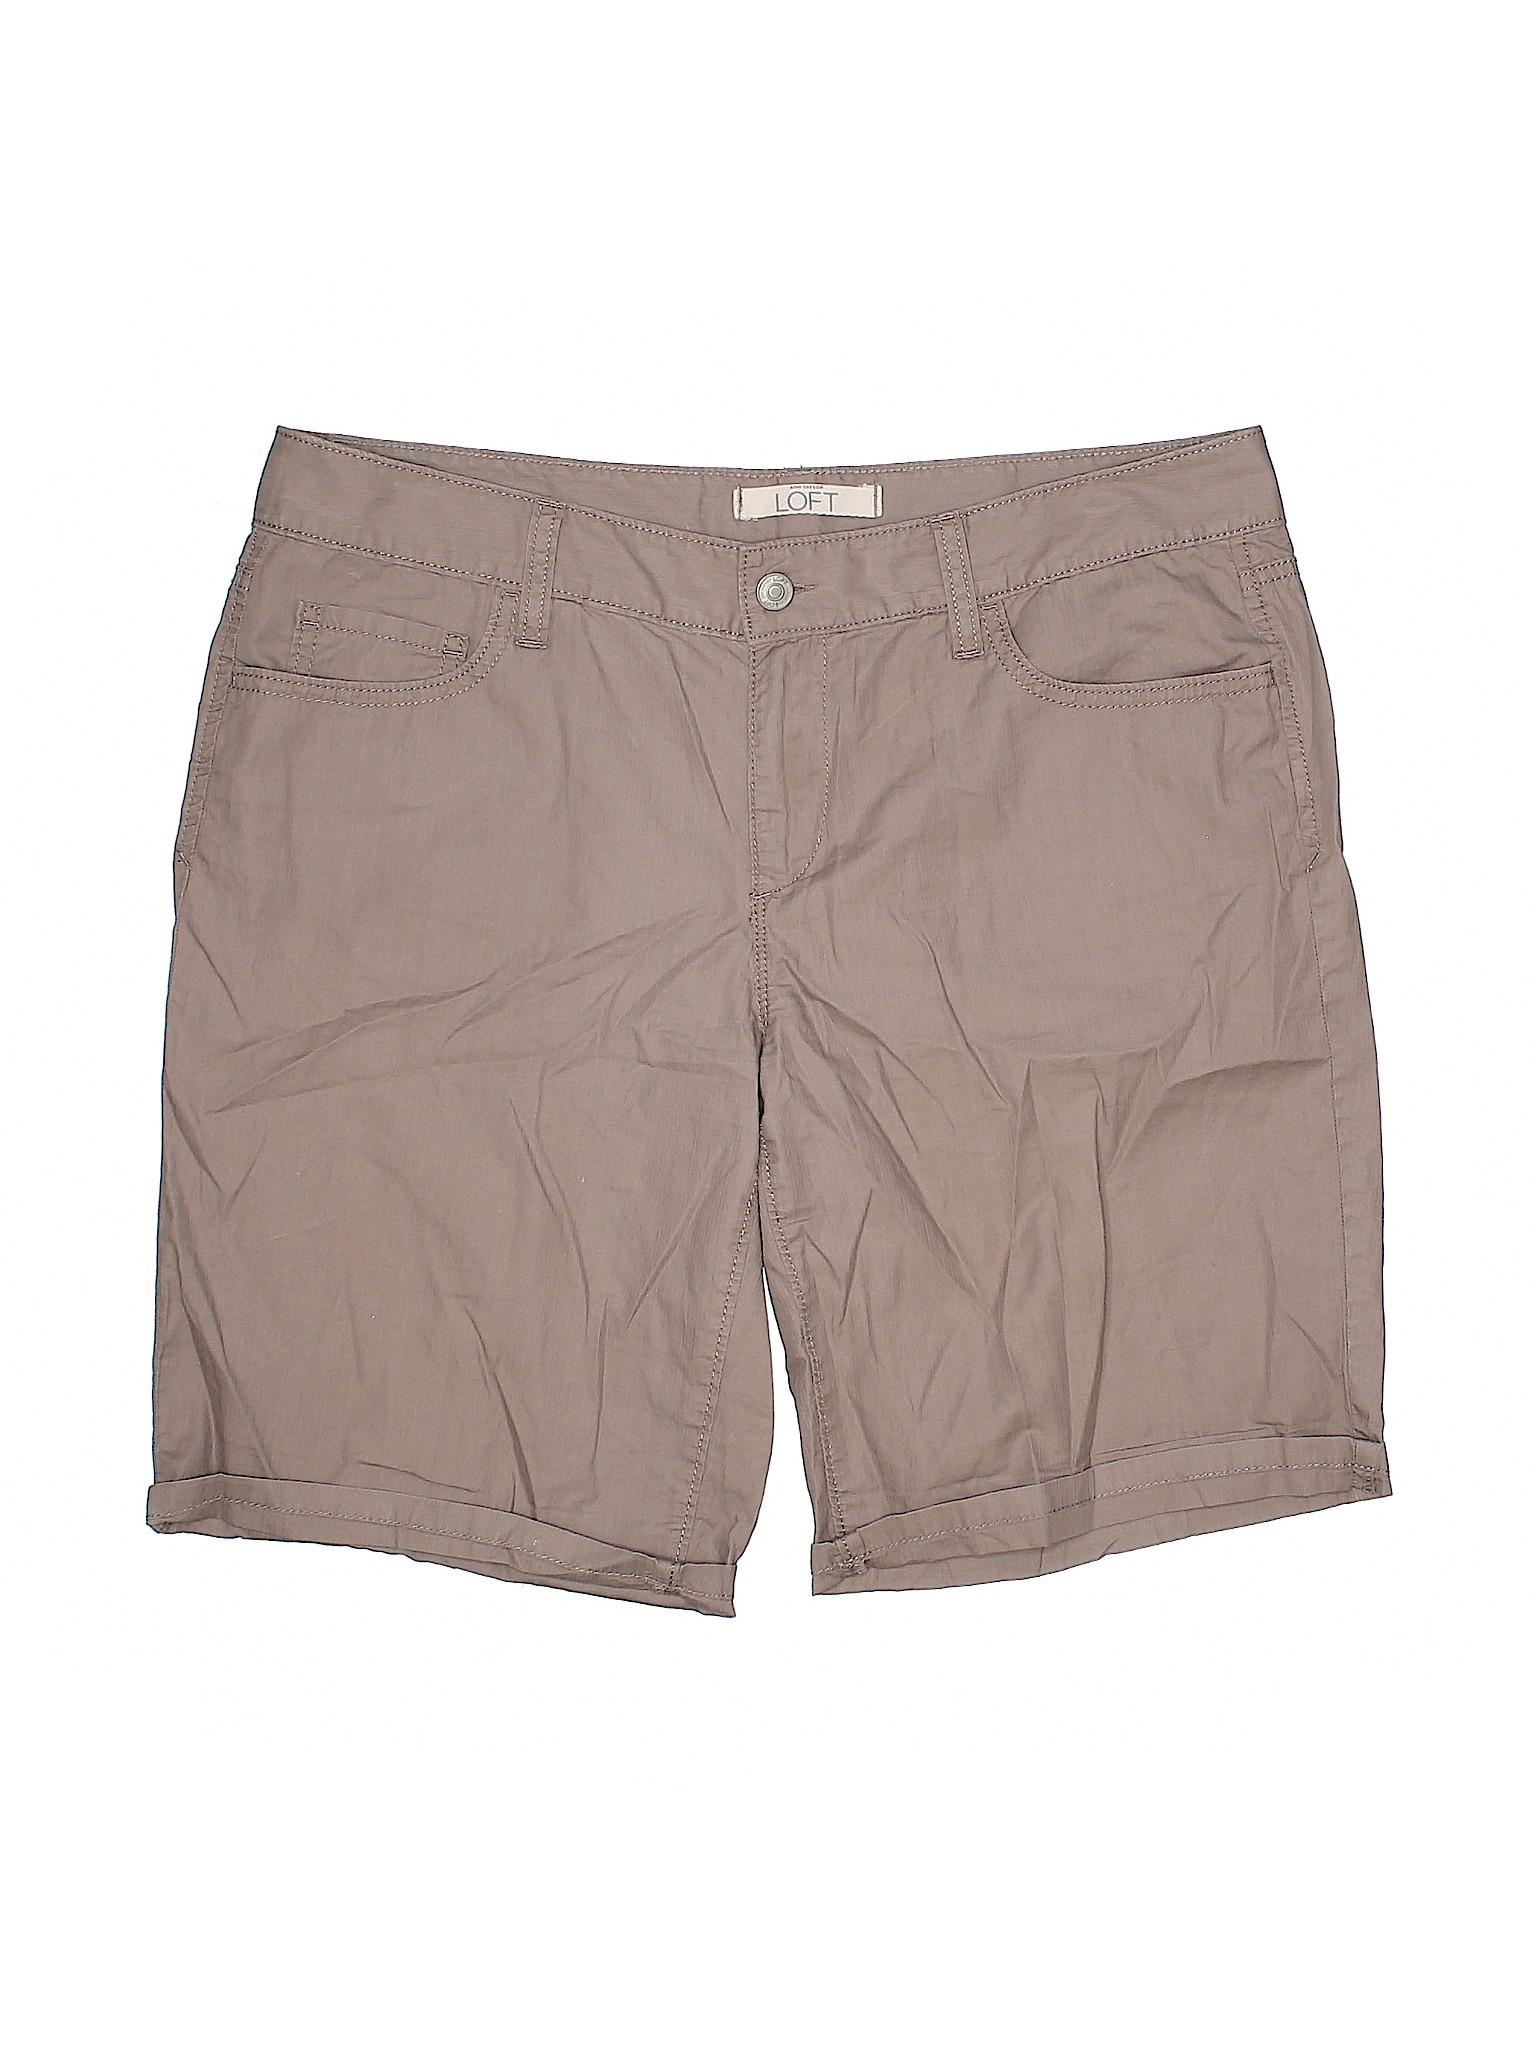 Shorts Boutique Ann Boutique Ann Taylor Taylor LOFT nFq6YwRE